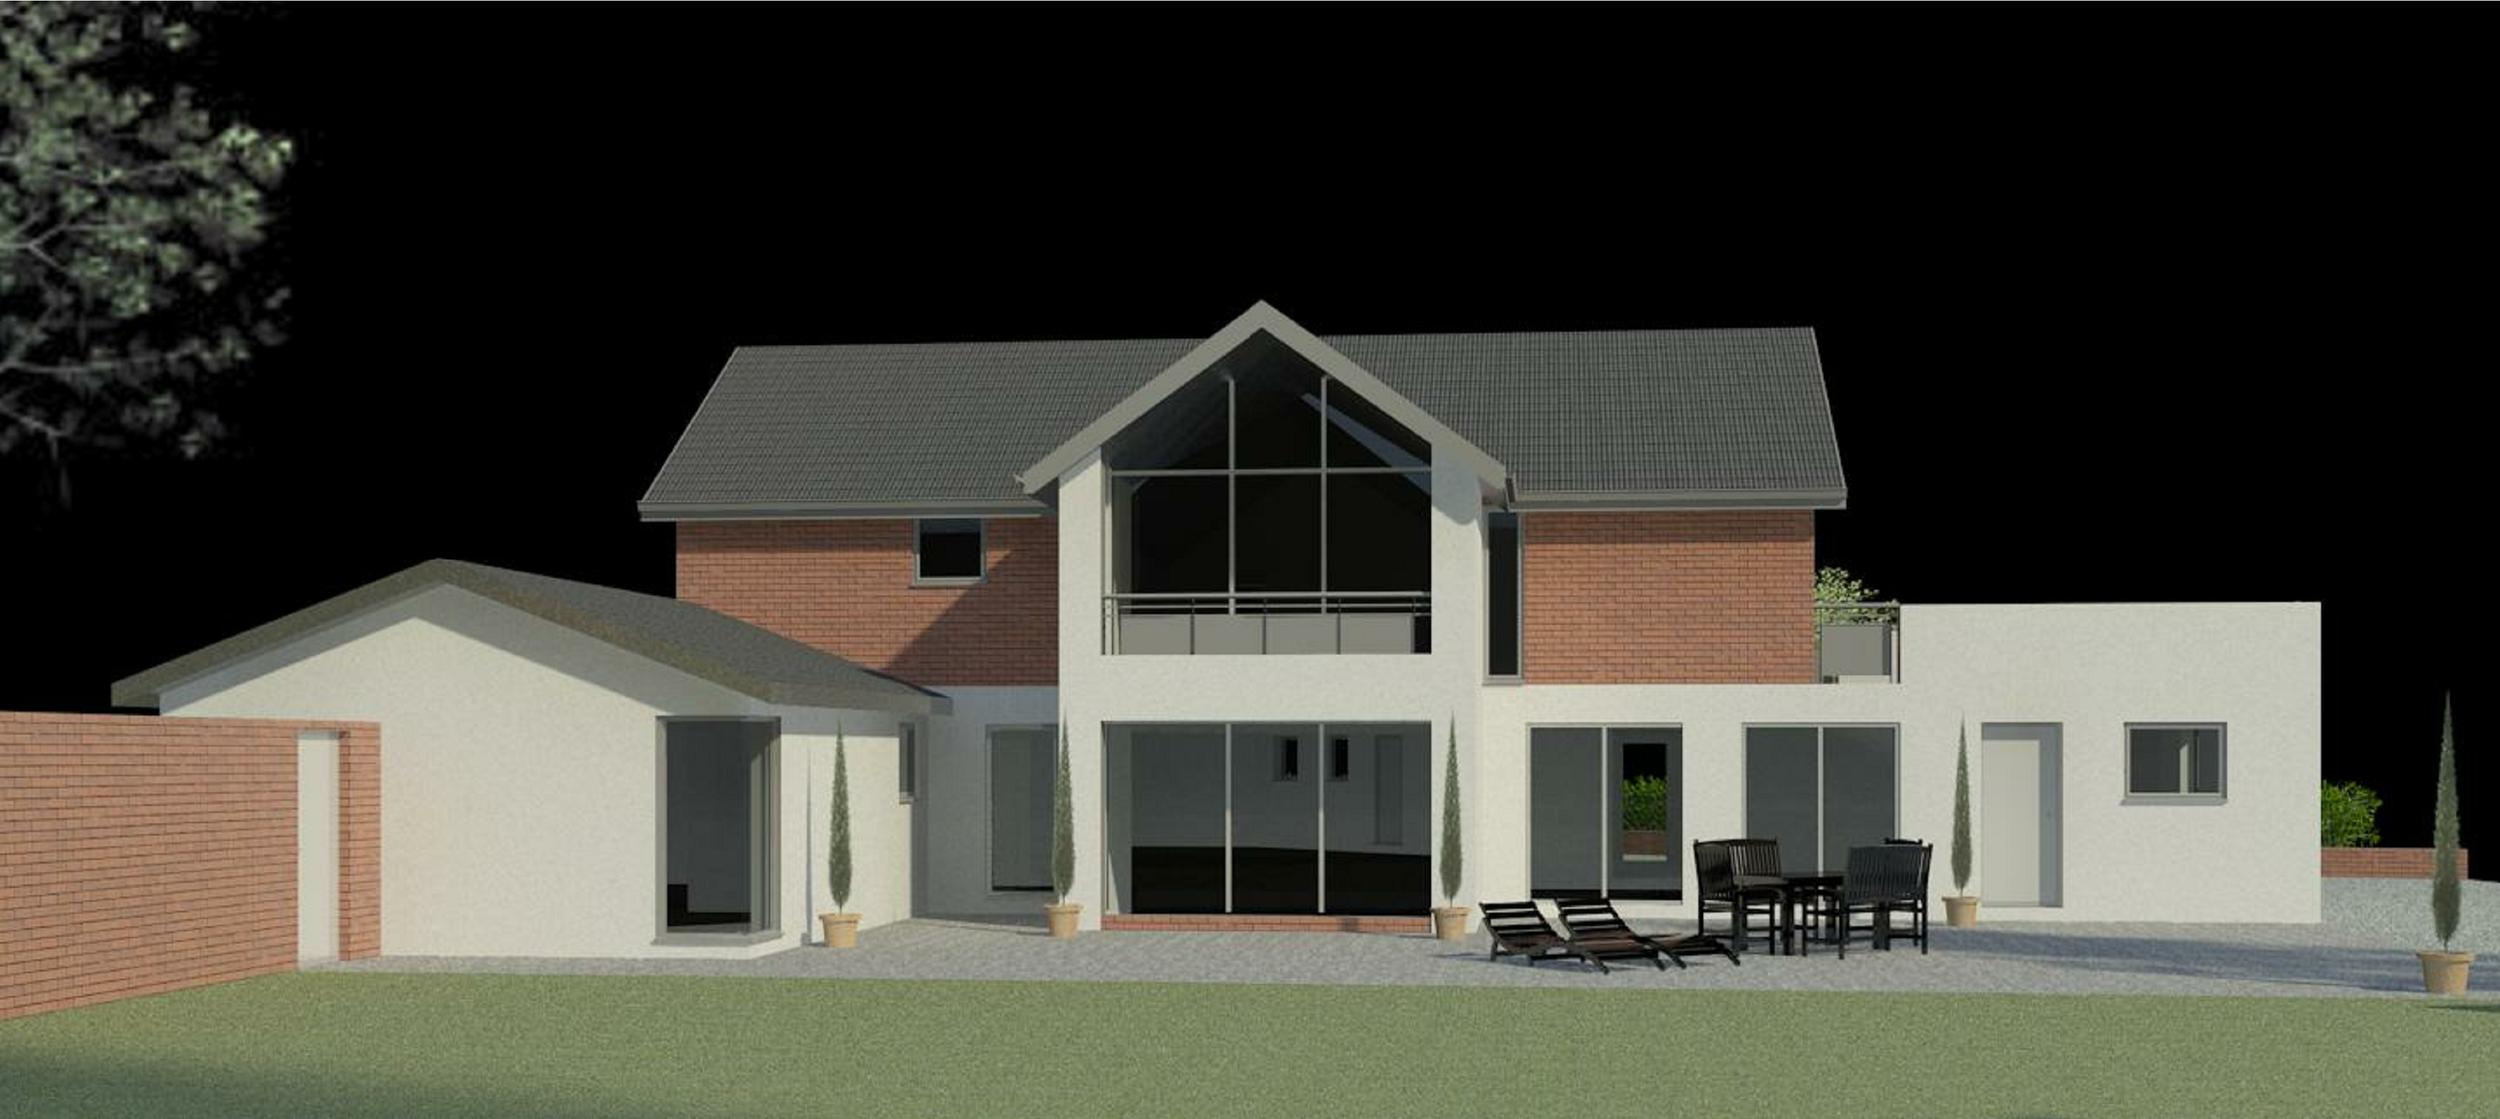 15060_New Build_Adam Hewitt - 2.png